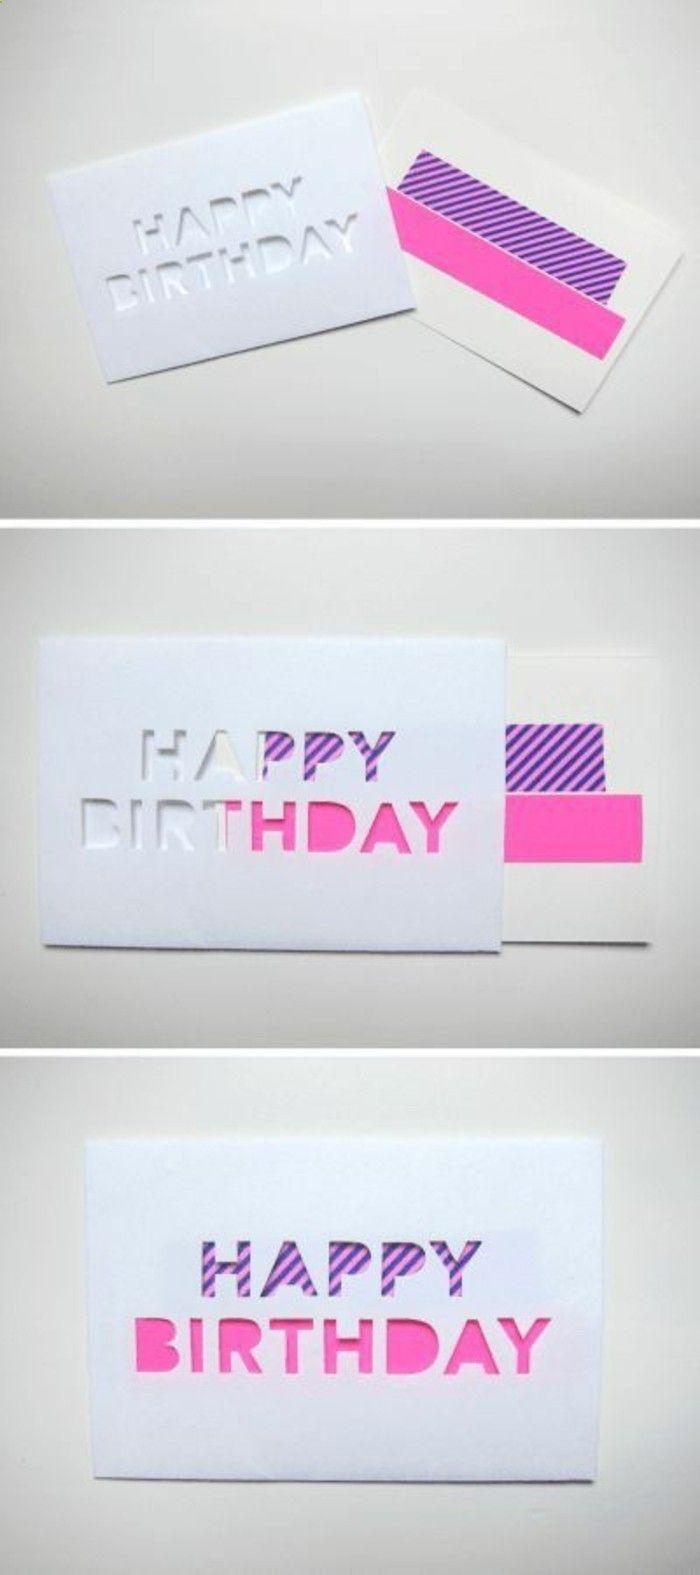 idee de carte danniversaire simple et esthétique à fabriquer soi meme, message Joyeux Anniversaire, écrit avec des lettres en scotch décoratif